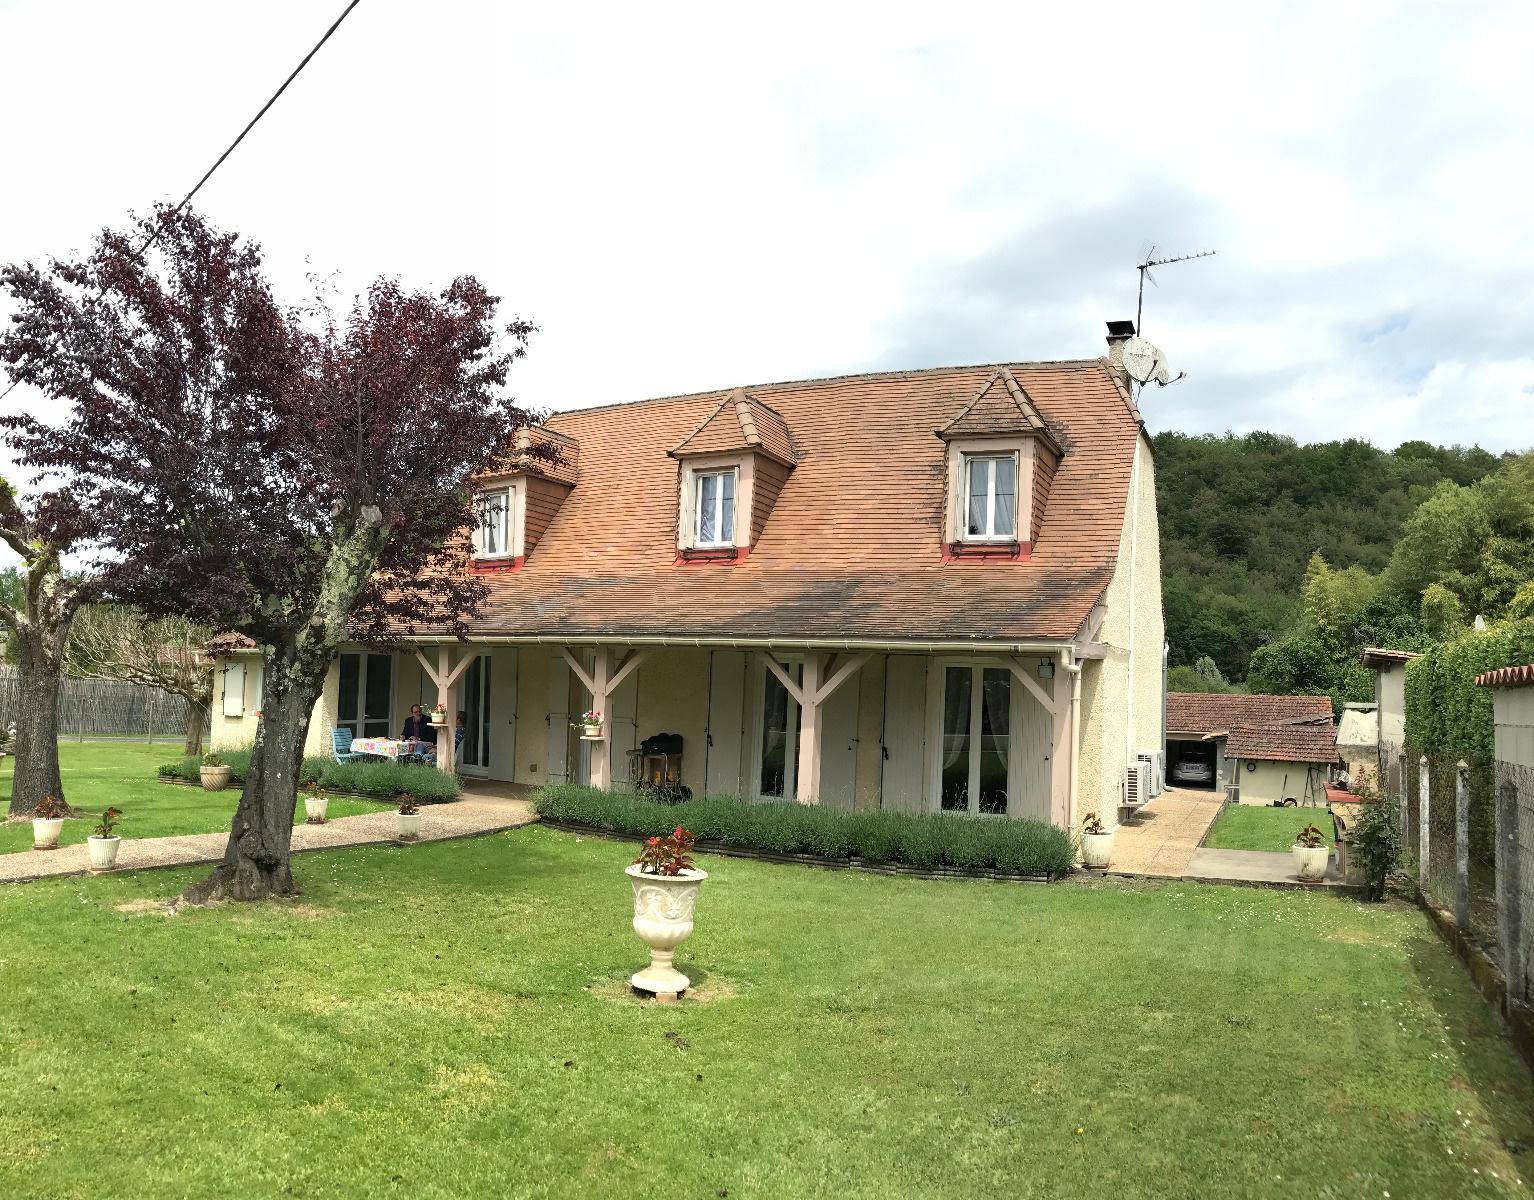 Annonce vente maison p rigueux 24000 180 m 318 000 for Maison perigueux